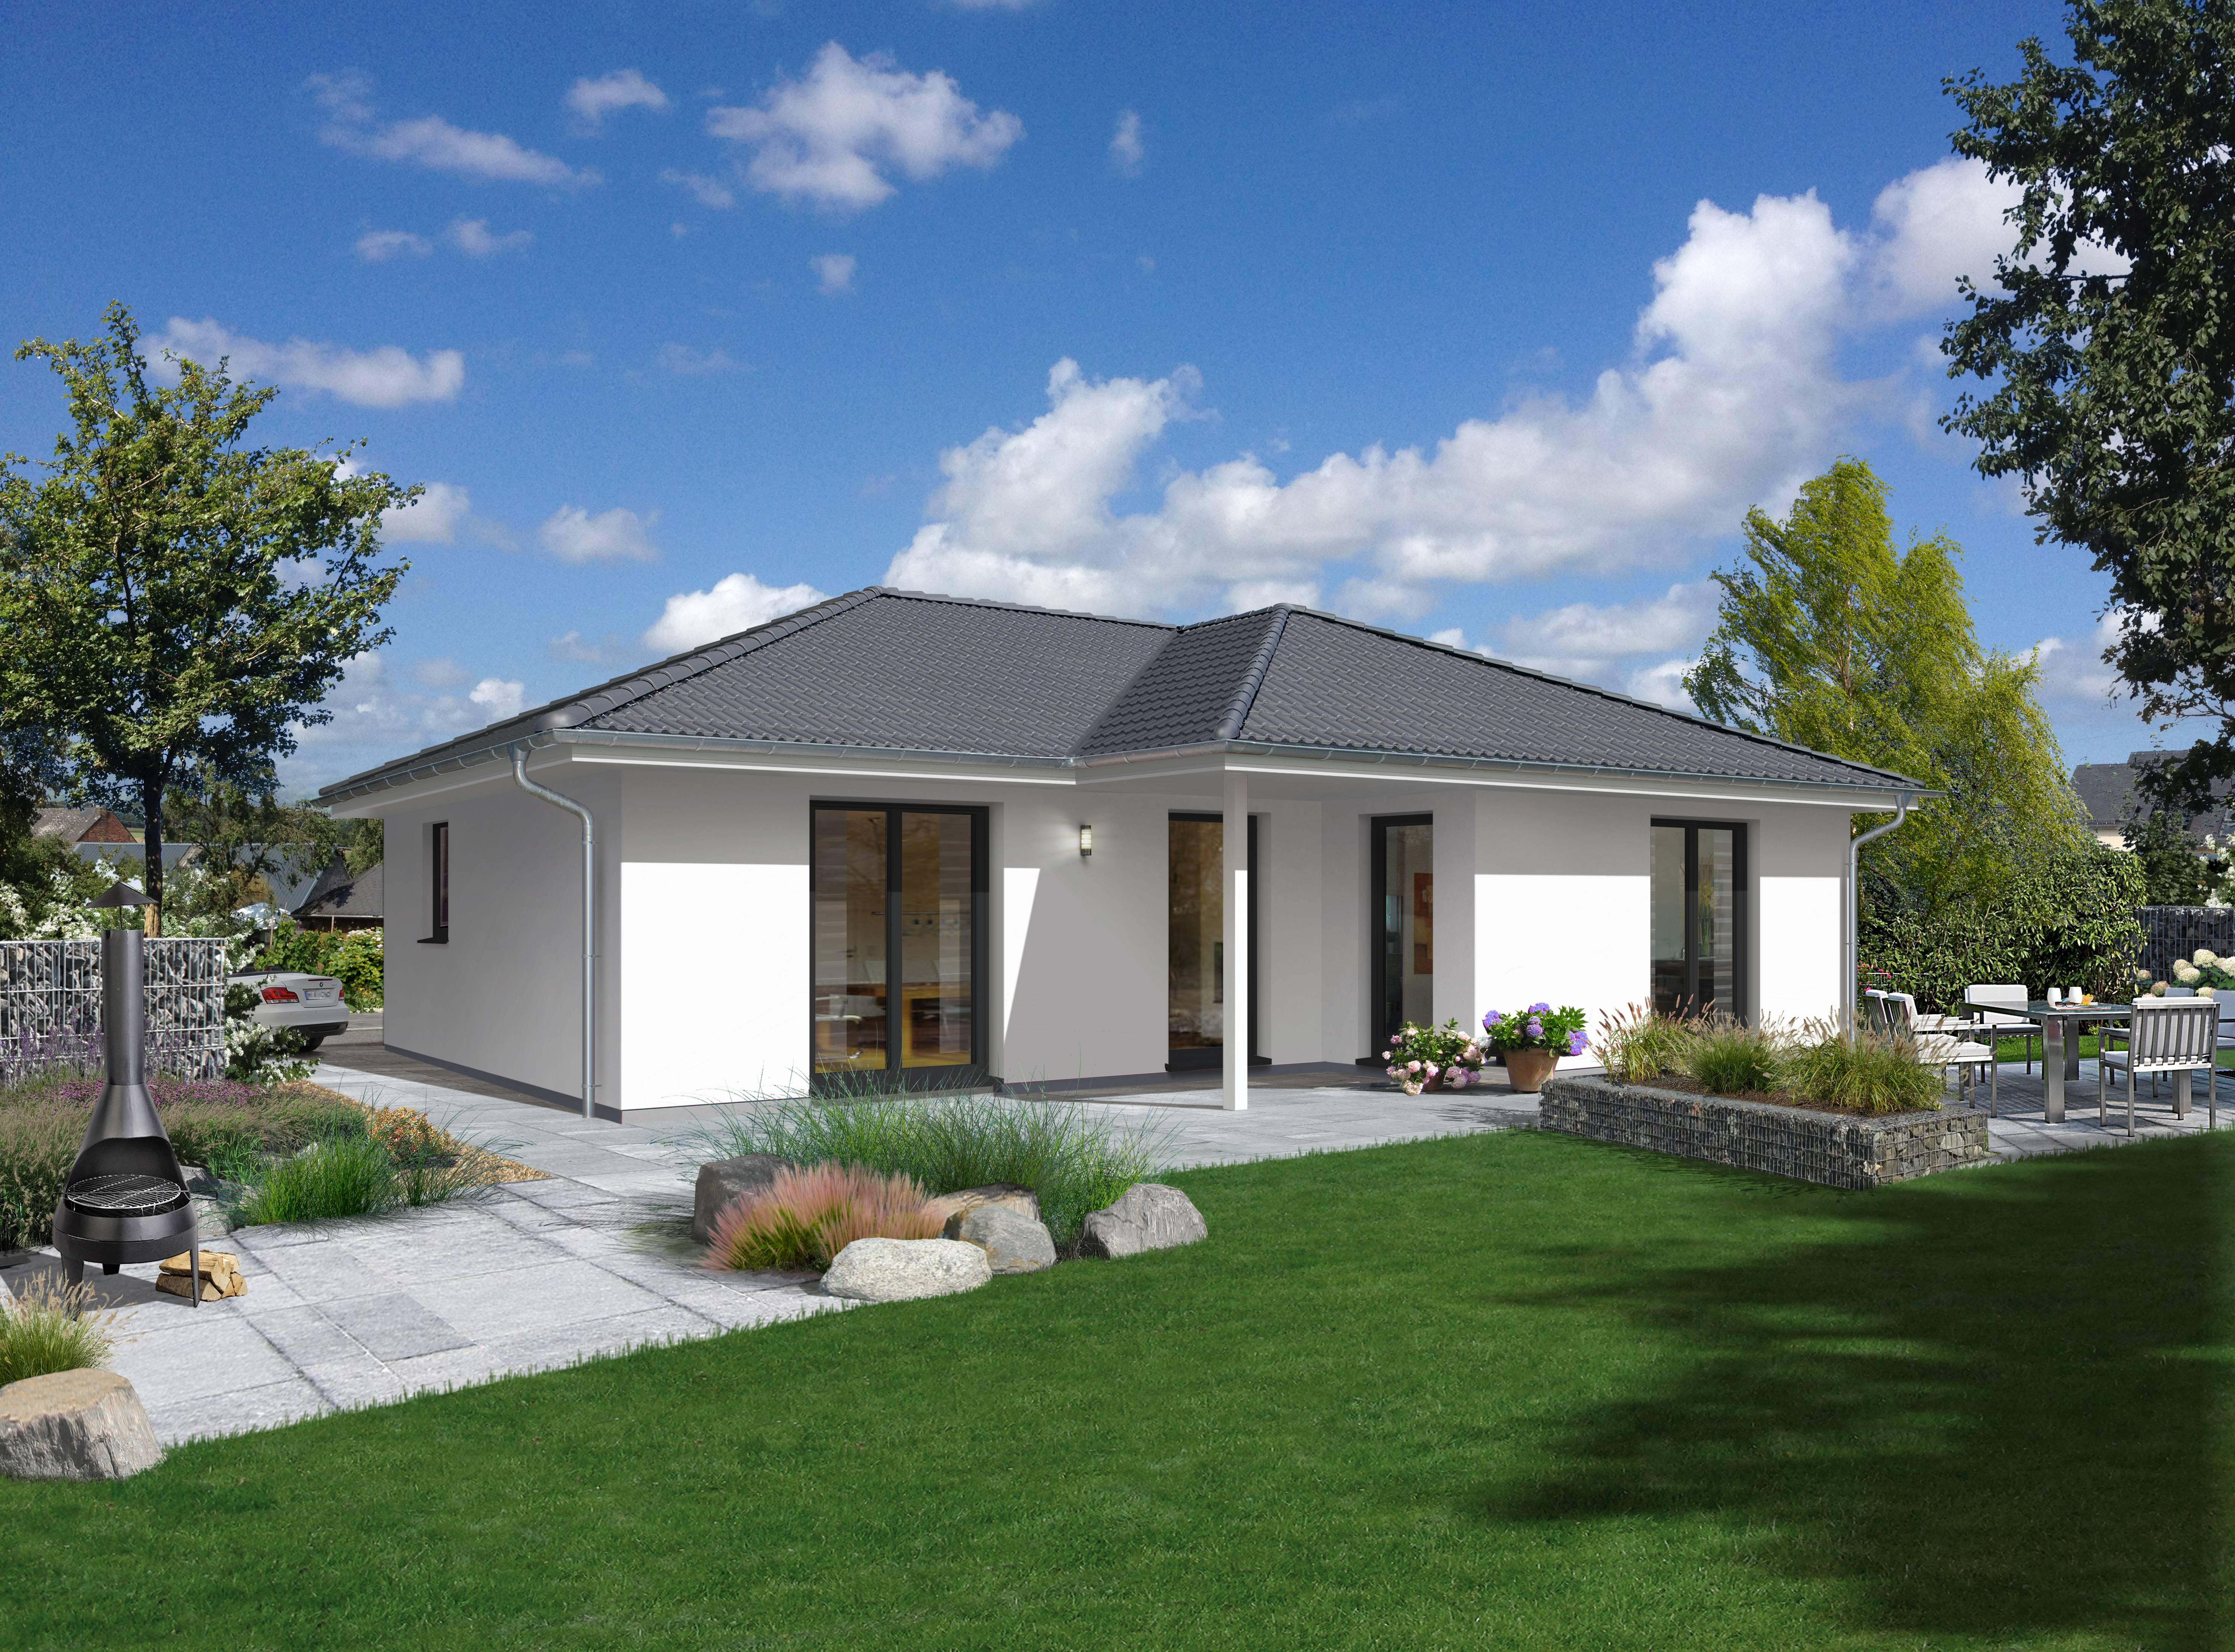 Bungalows - Häuser Preise nbieter Infos